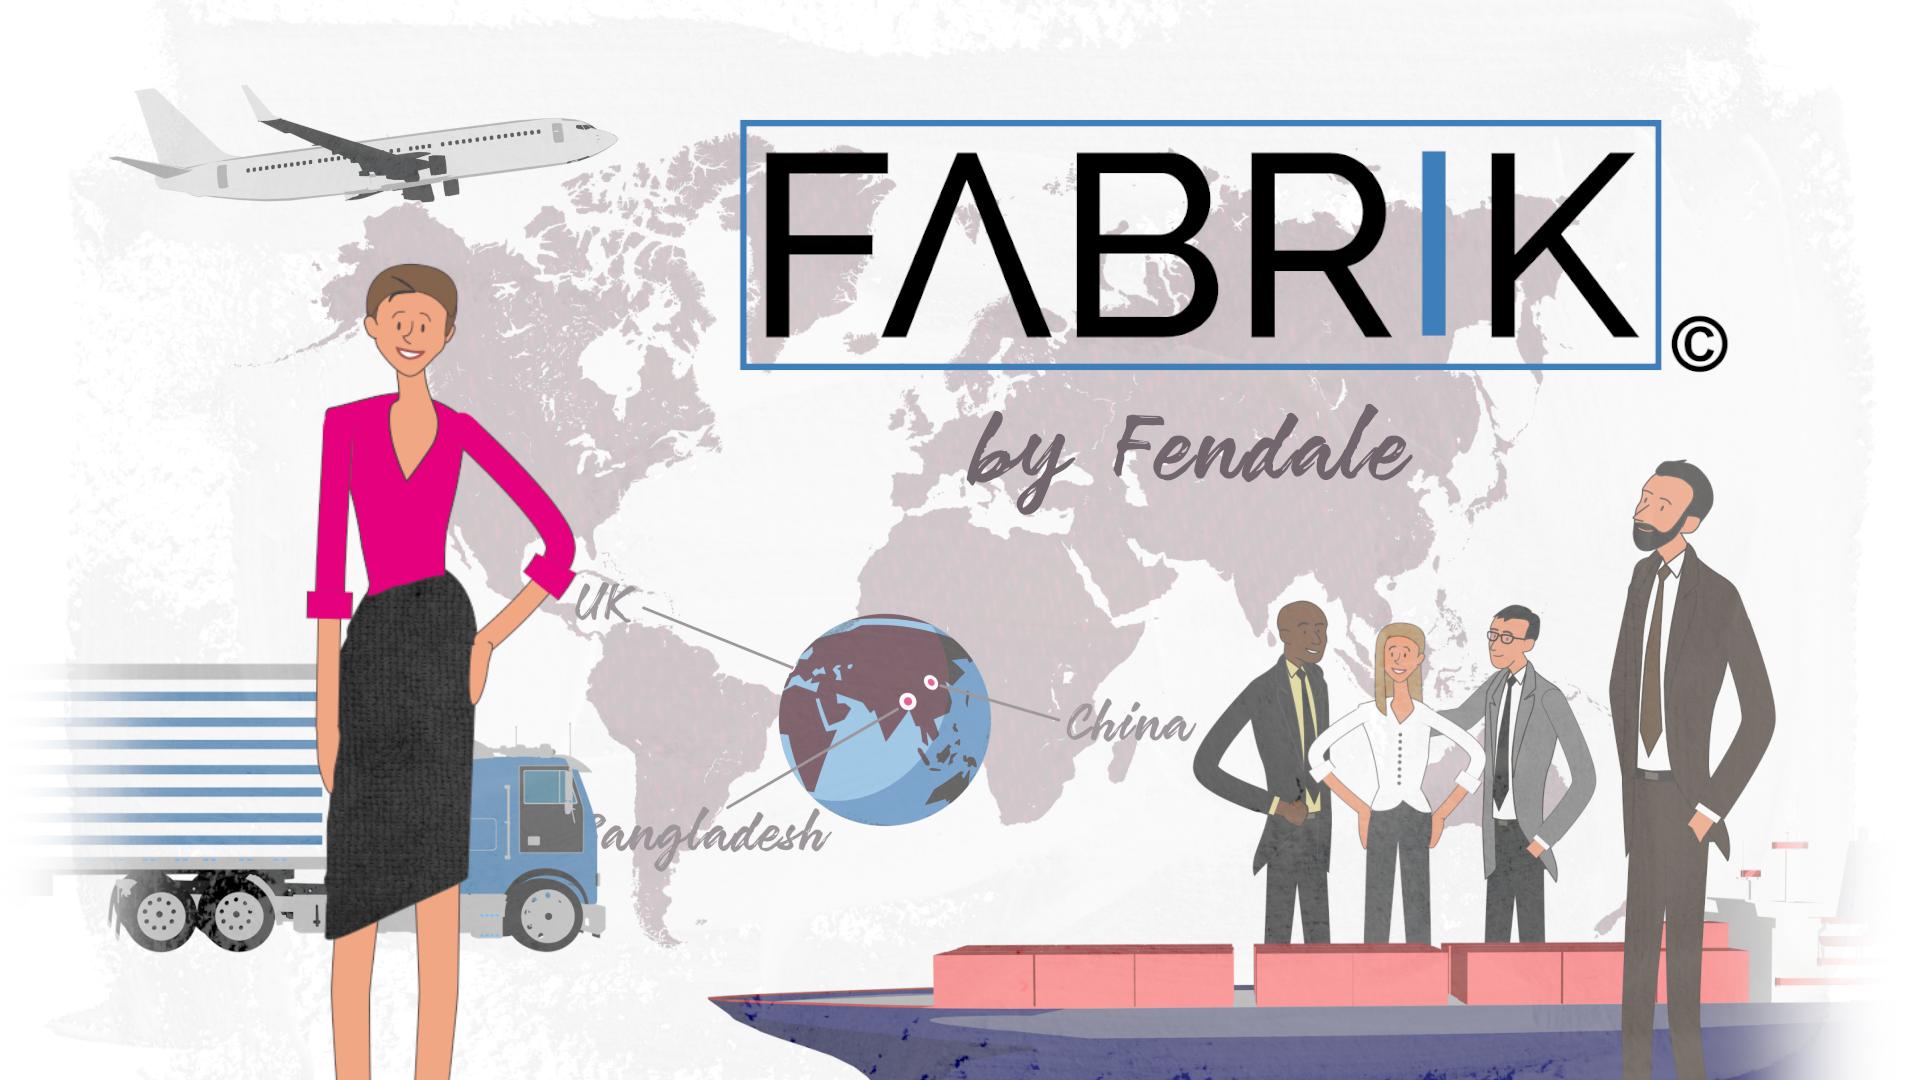 Fabrik Explainer Video